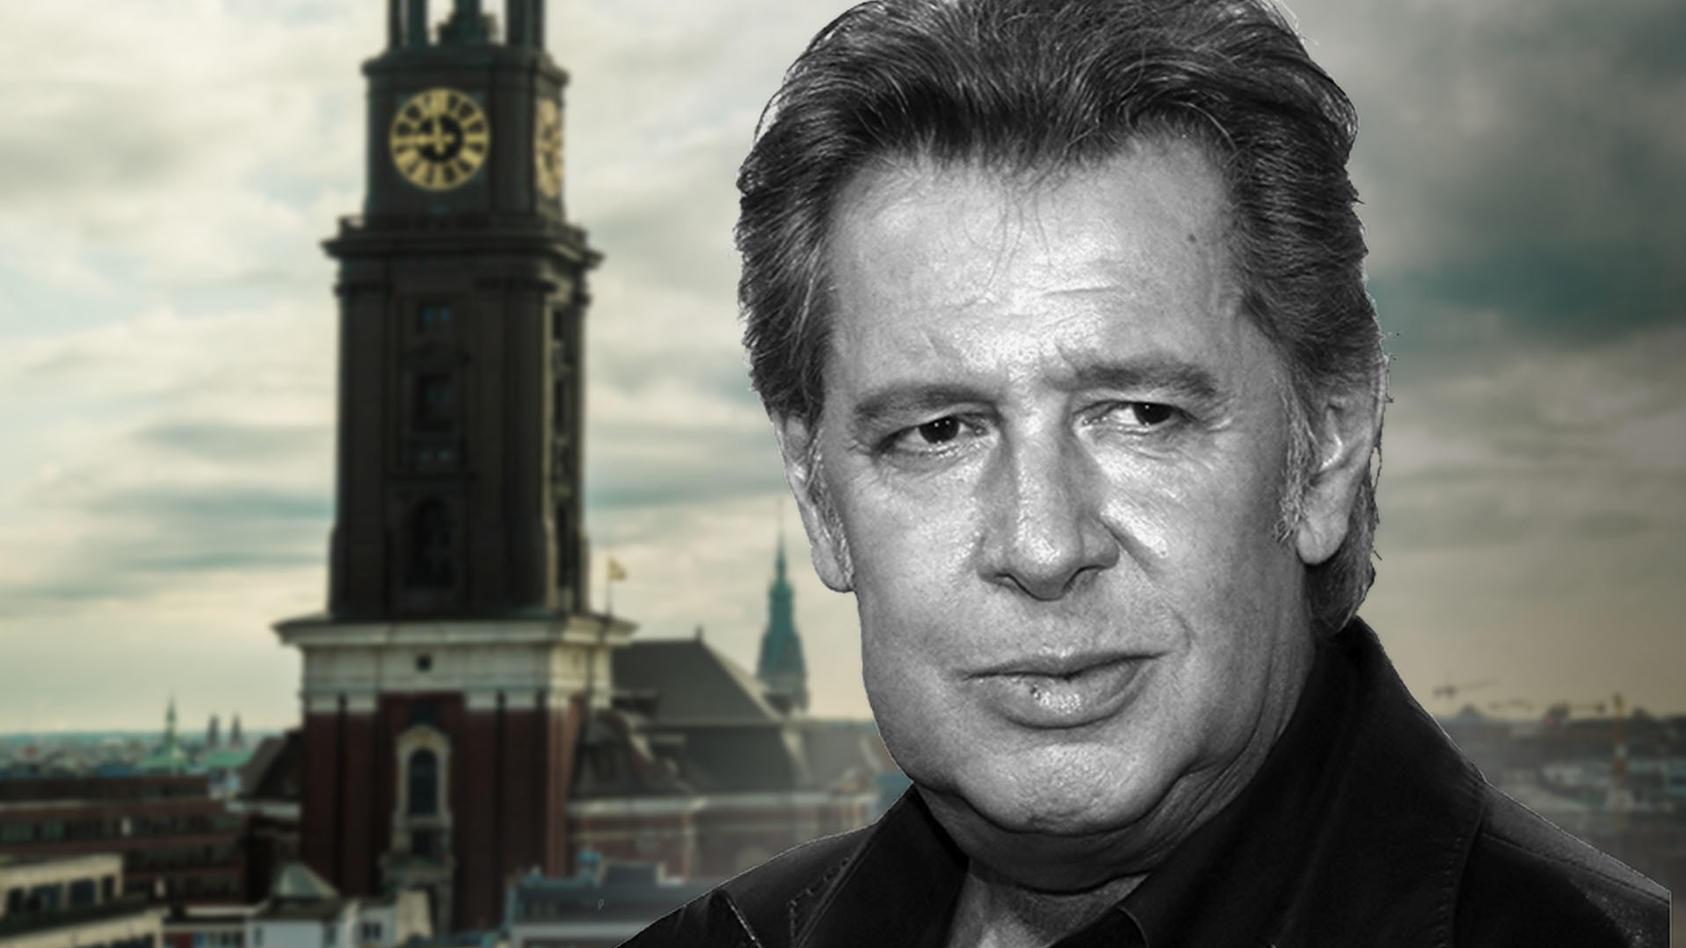 Jan Fedder wird am 14. Januar 2020 in Hamburg beigesetzt